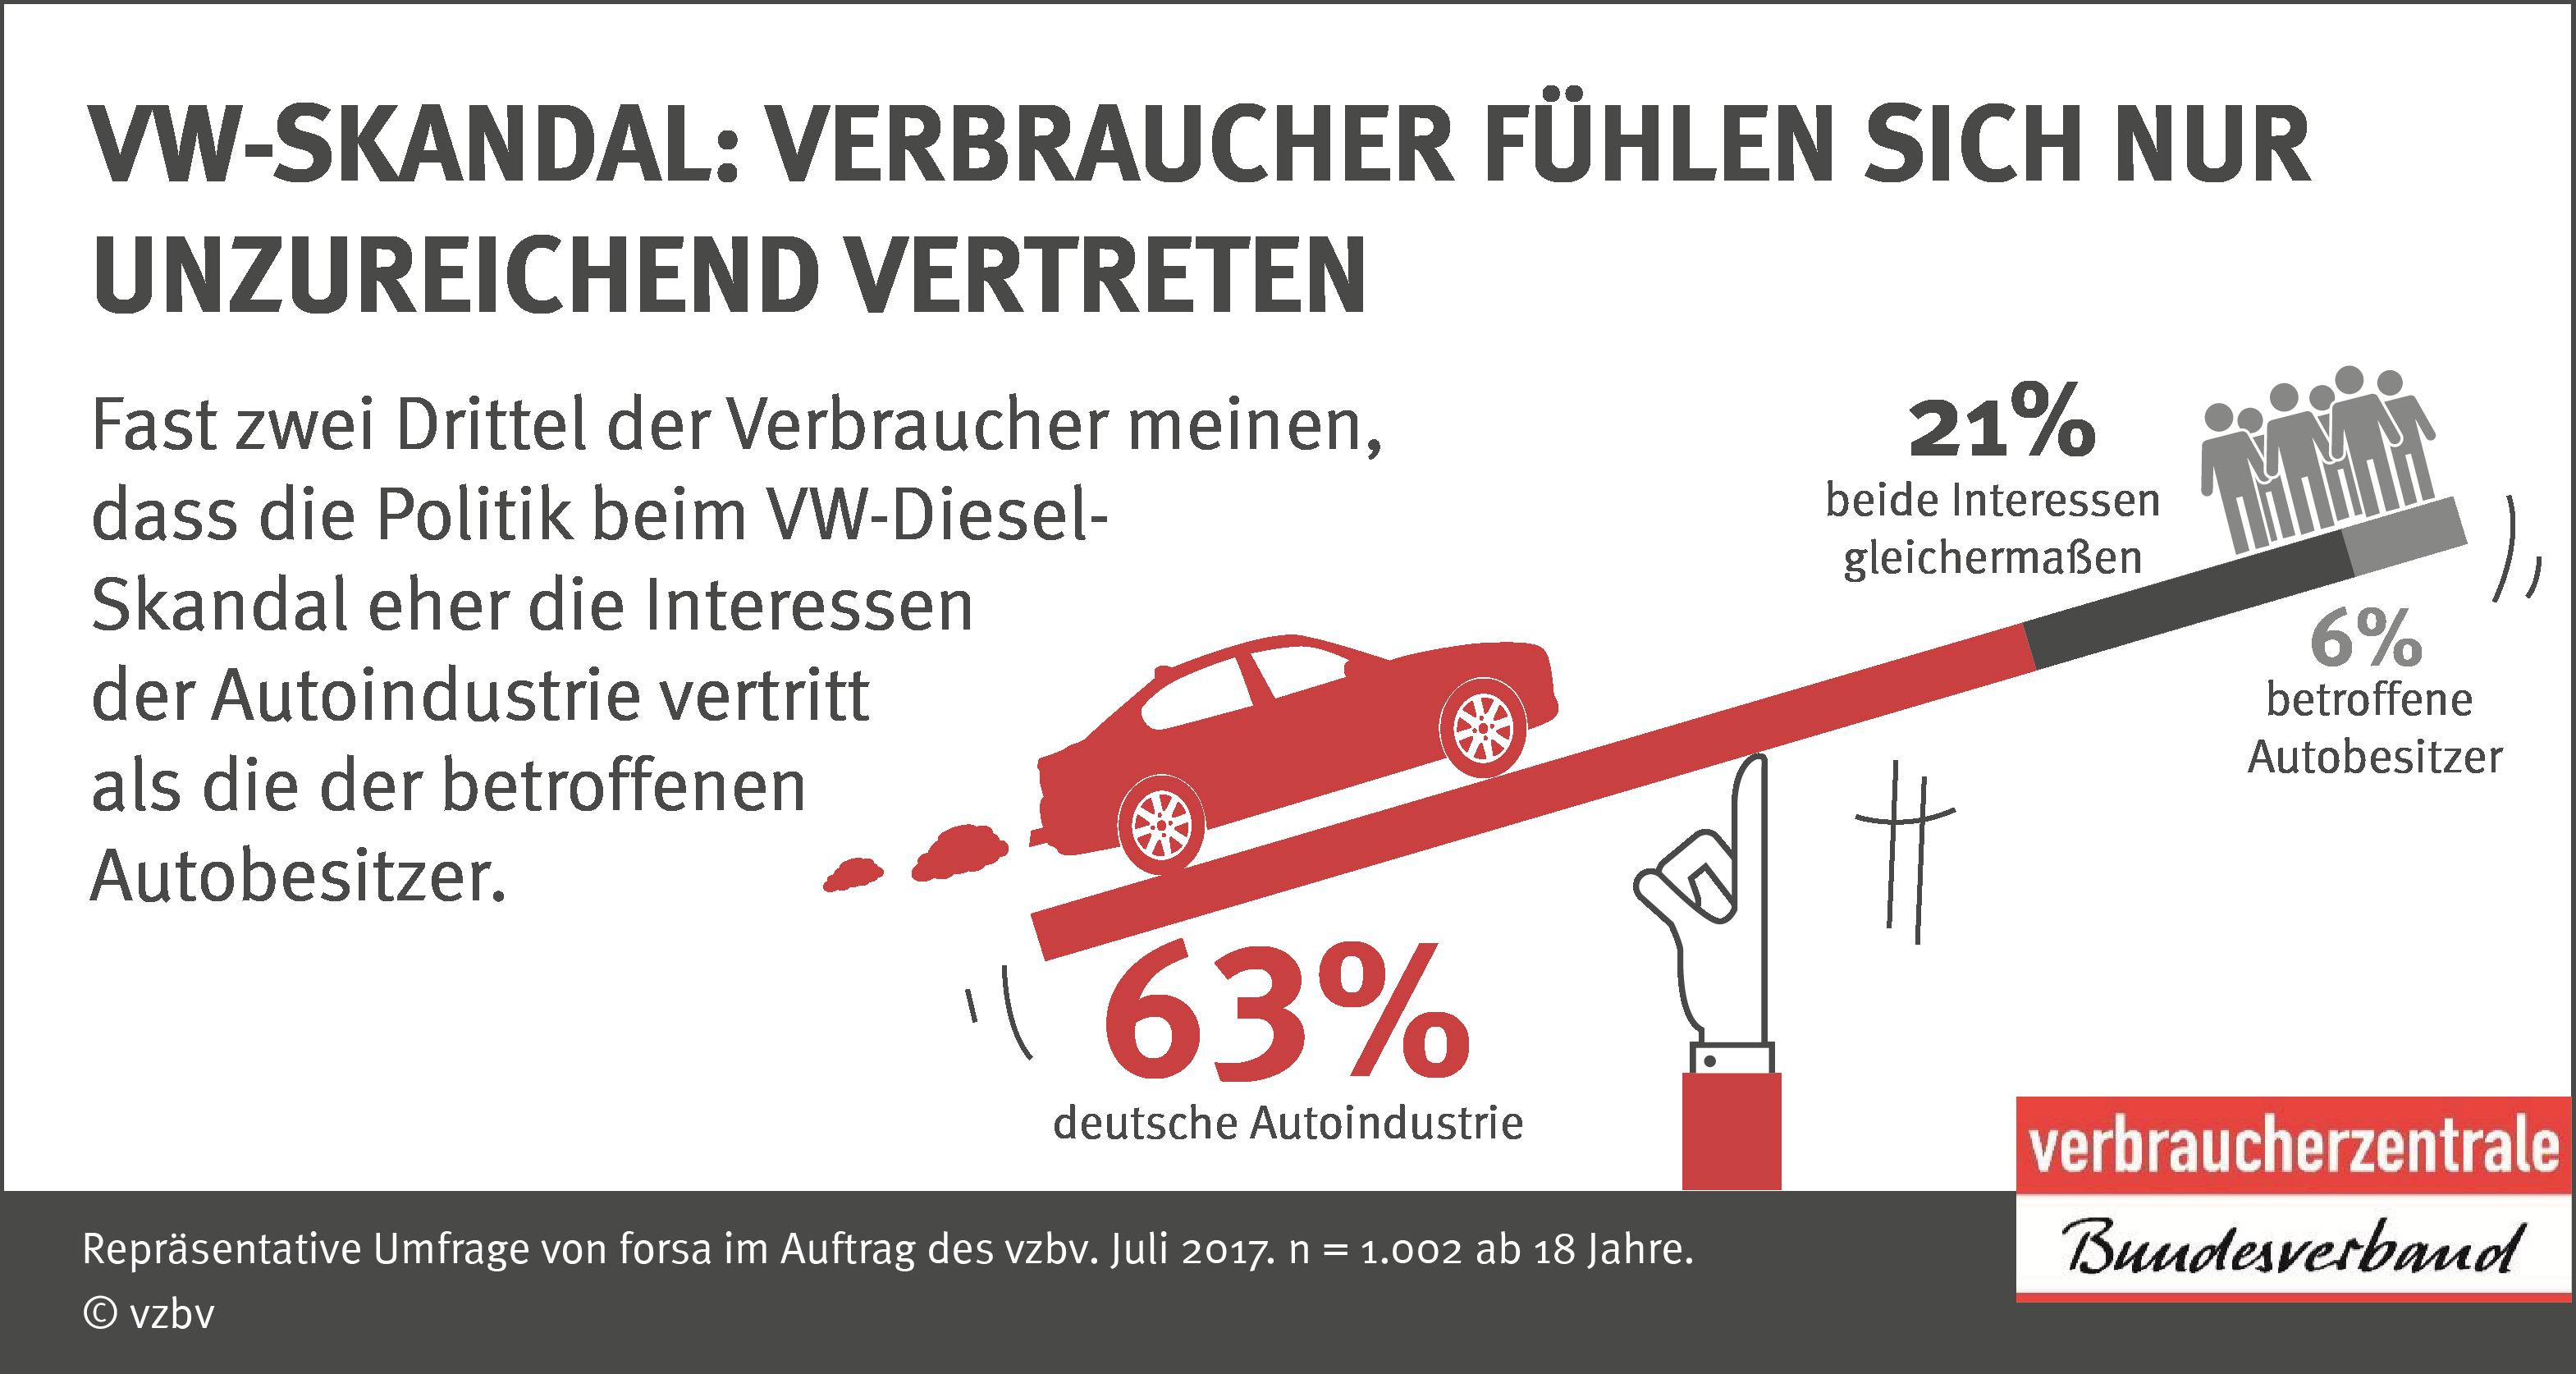 VW-Skandal: Verbraucher fühlen sich nur unzureichend vertreten